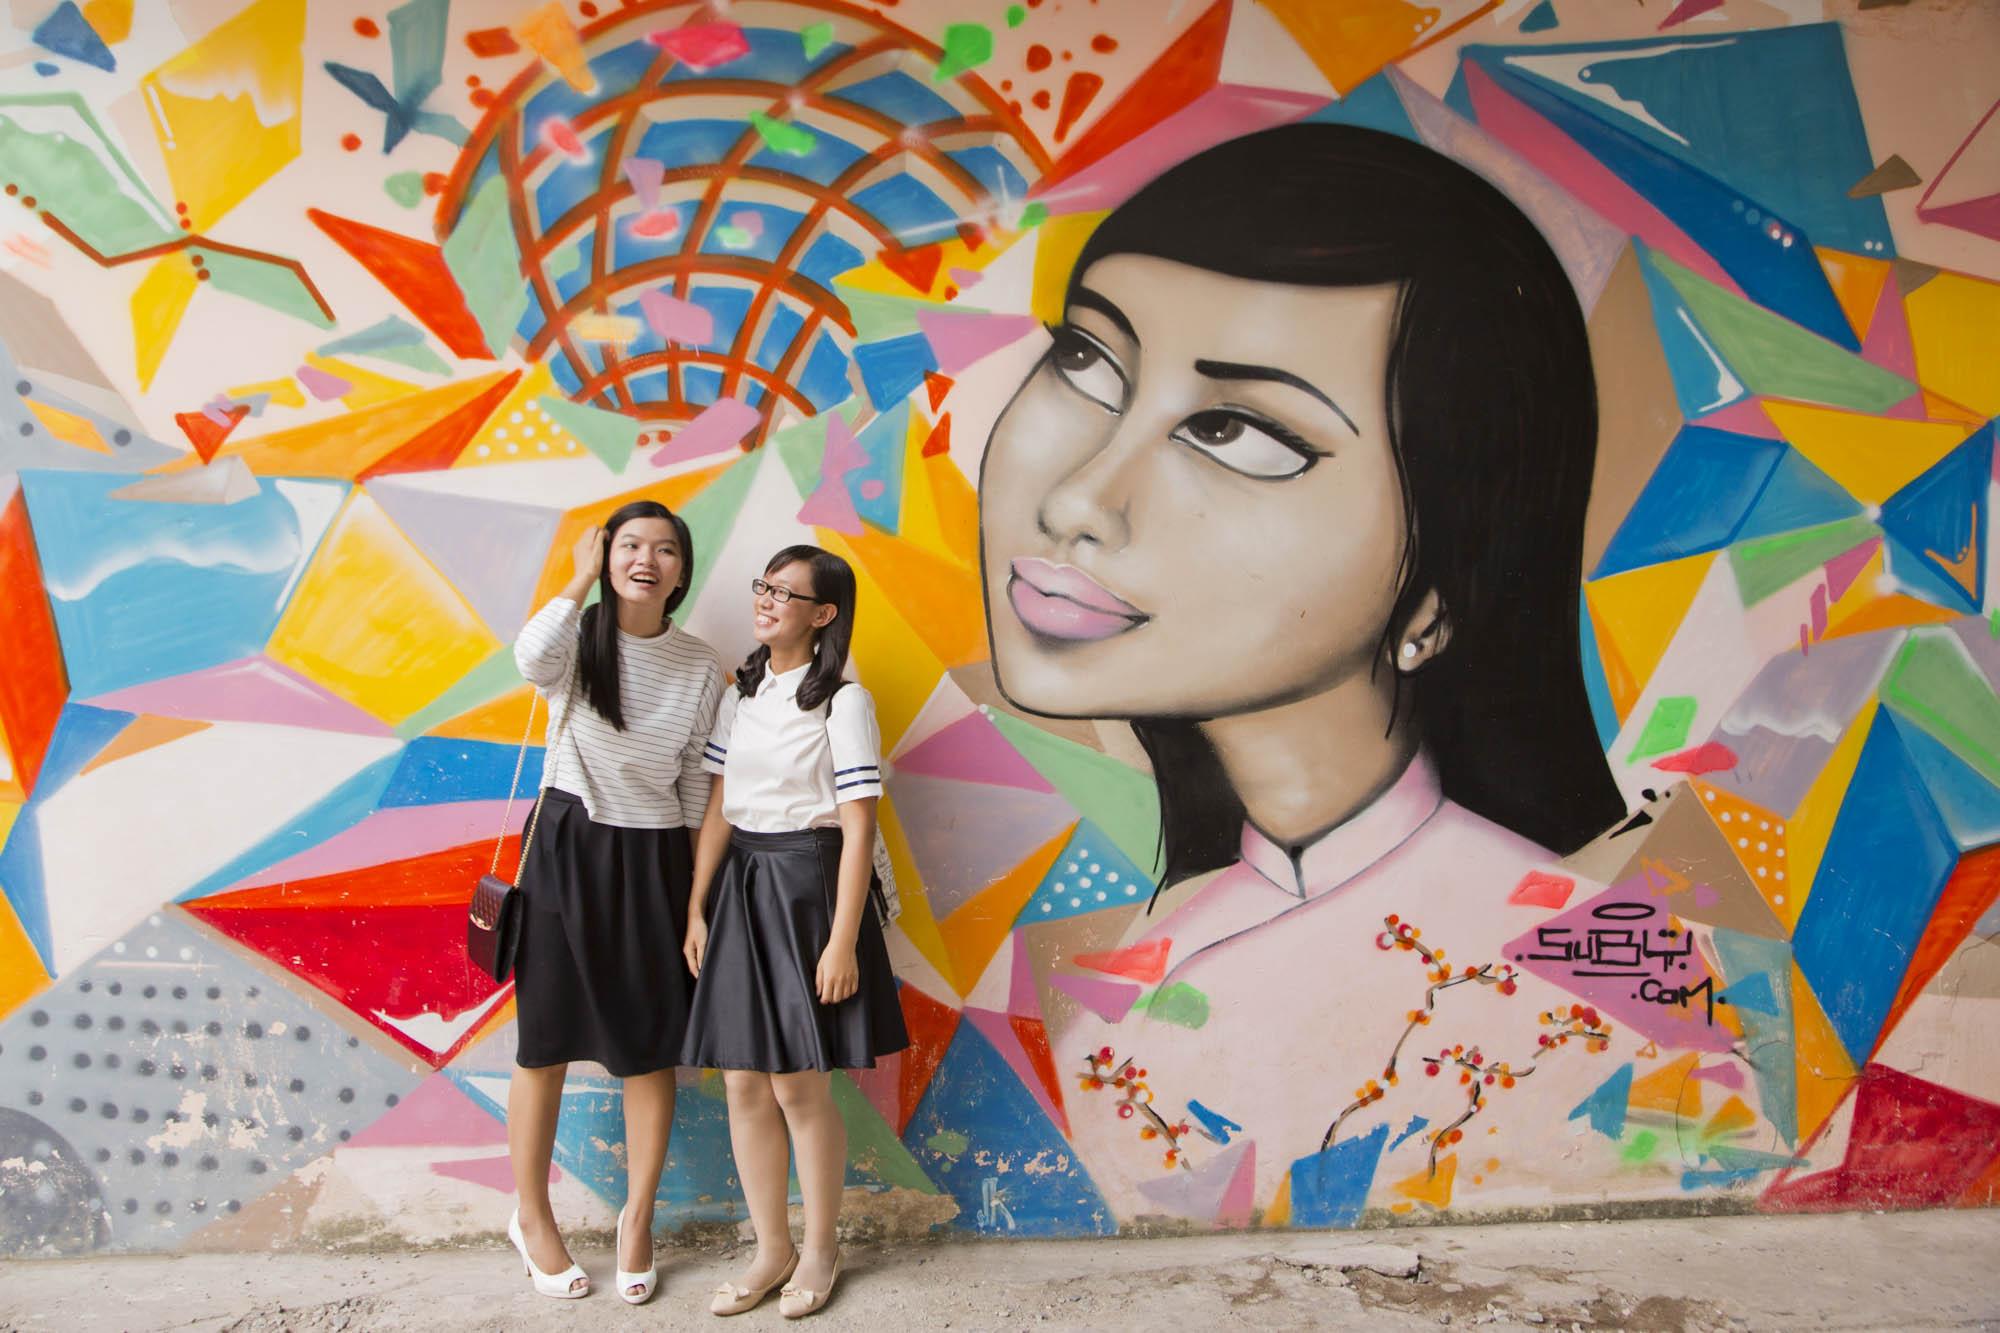 Asien, Vietnam, Saigon, Ho Chi Minh Stadt, Grafitti, modernes Vietnam